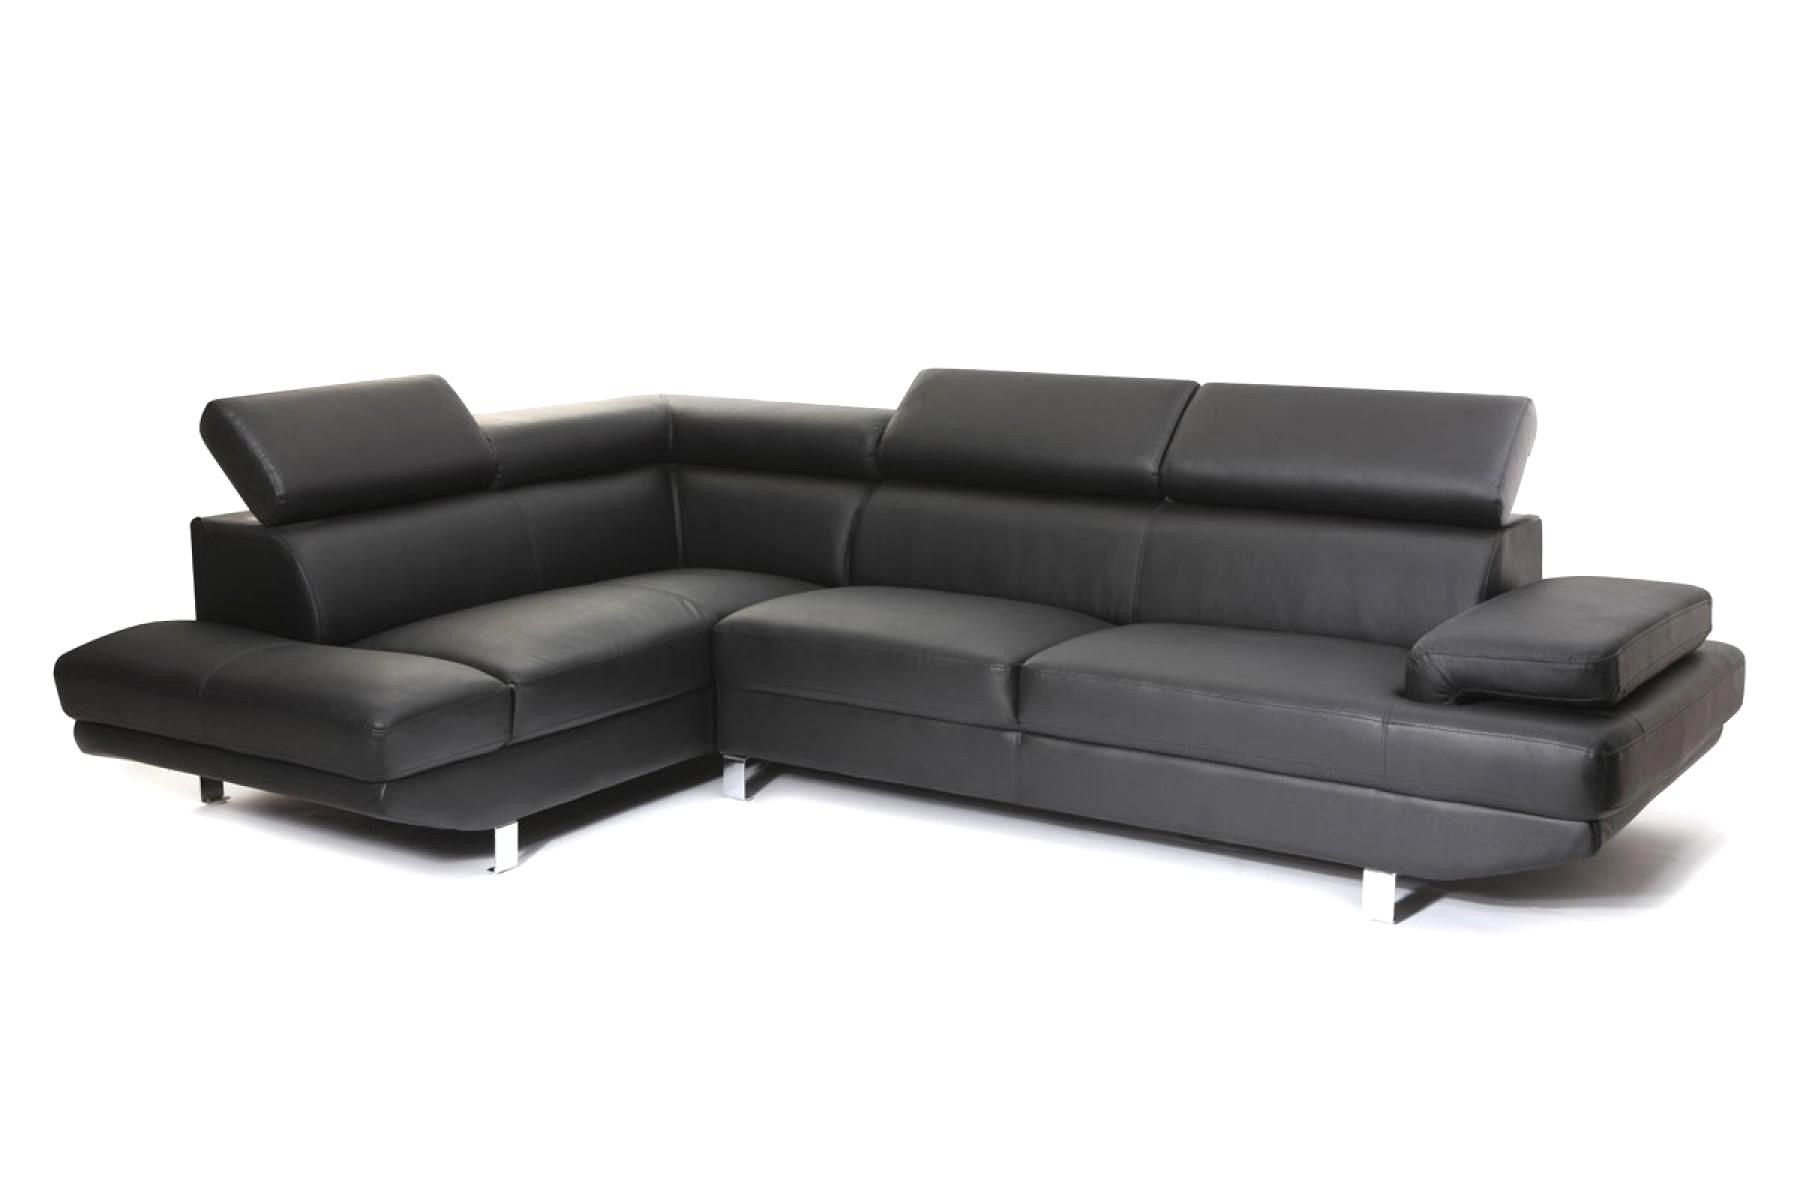 Canapé Convertible Ektorp Beau Stock Canape Cuir Ikea Kivik